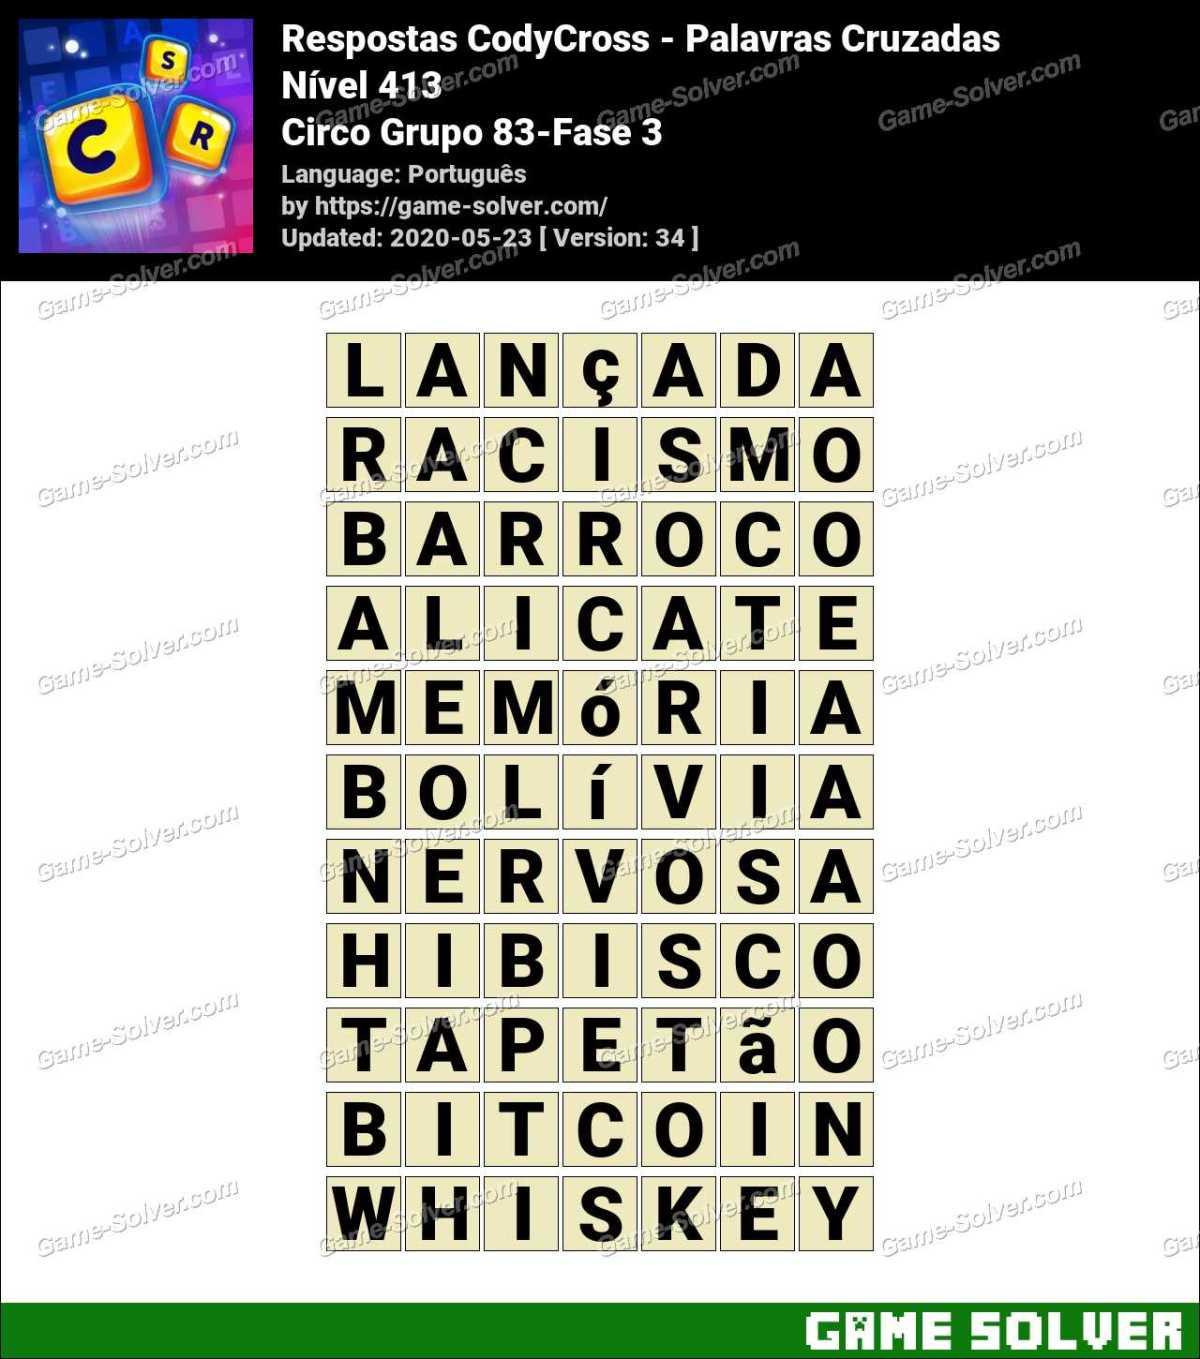 Respostas CodyCross Circo Grupo 83-Fase 3